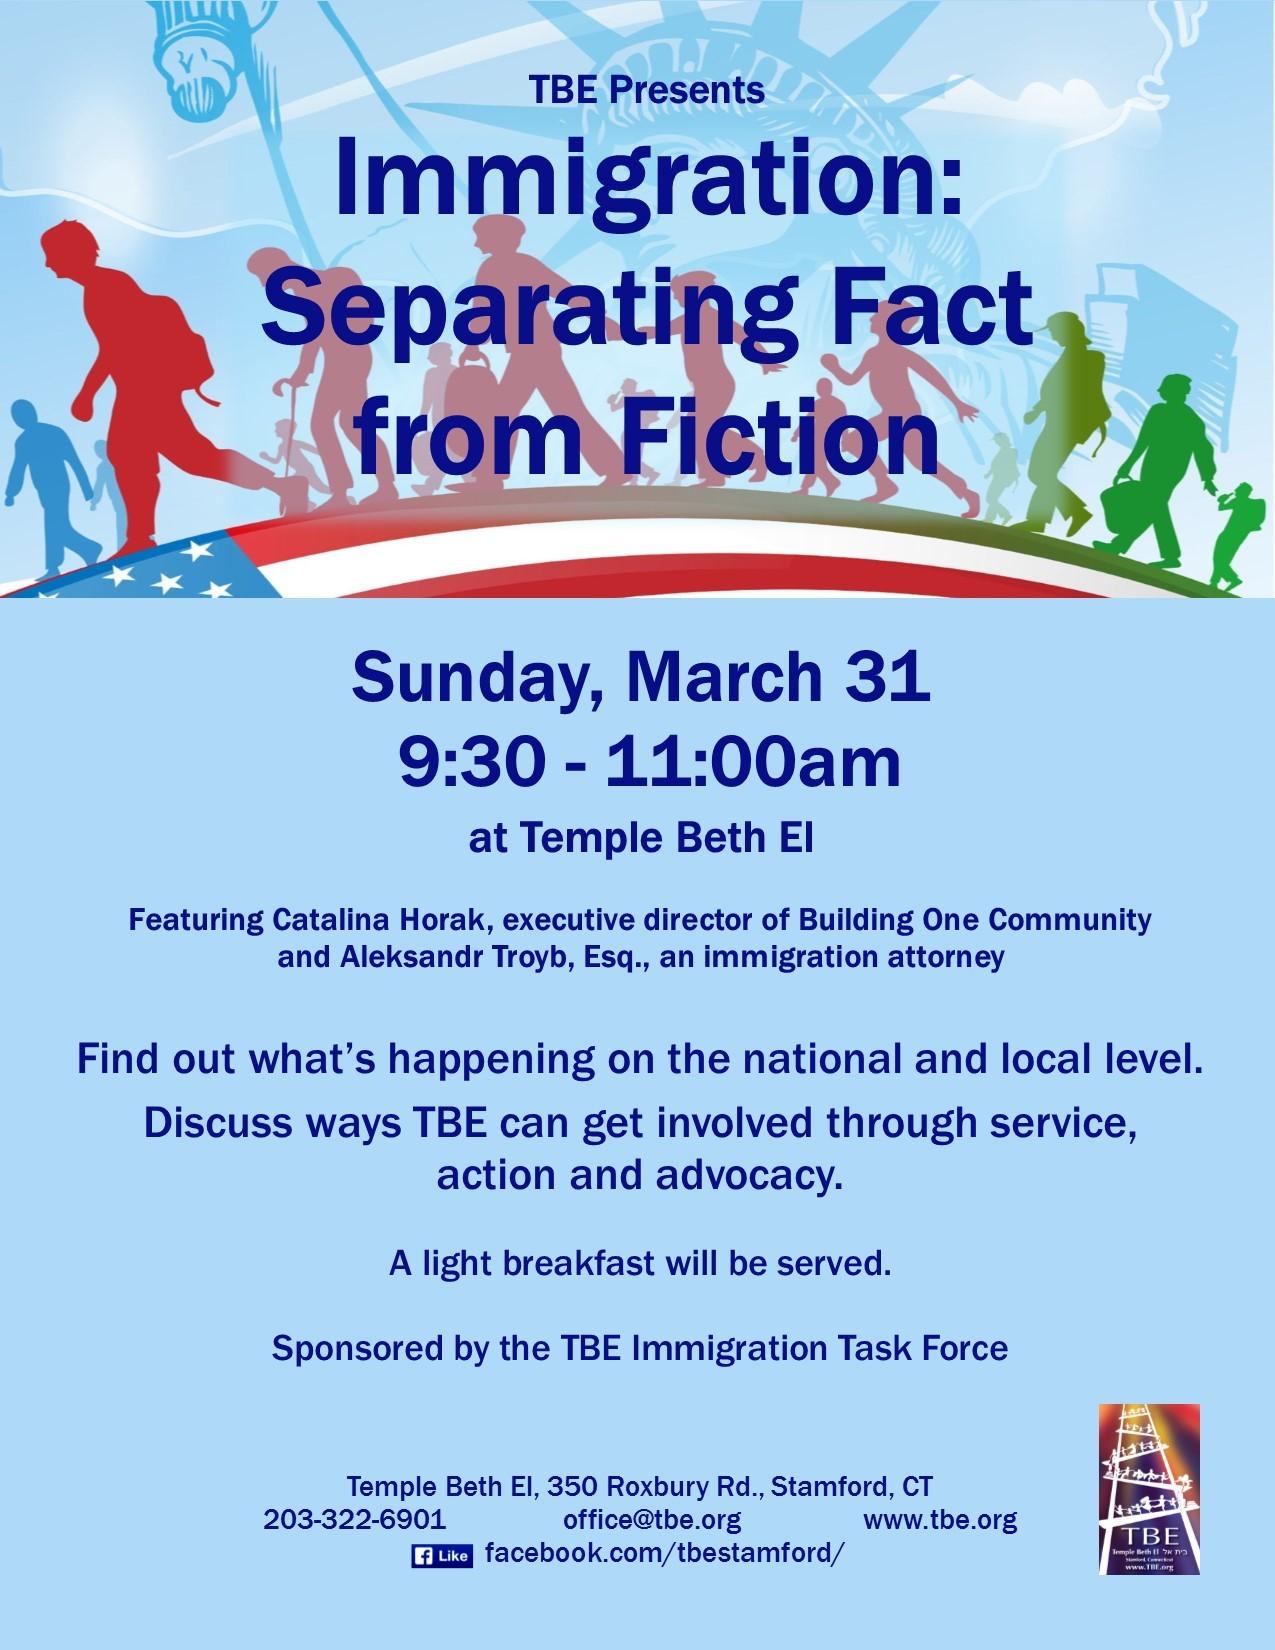 immigration-meeting - Temple Beth El